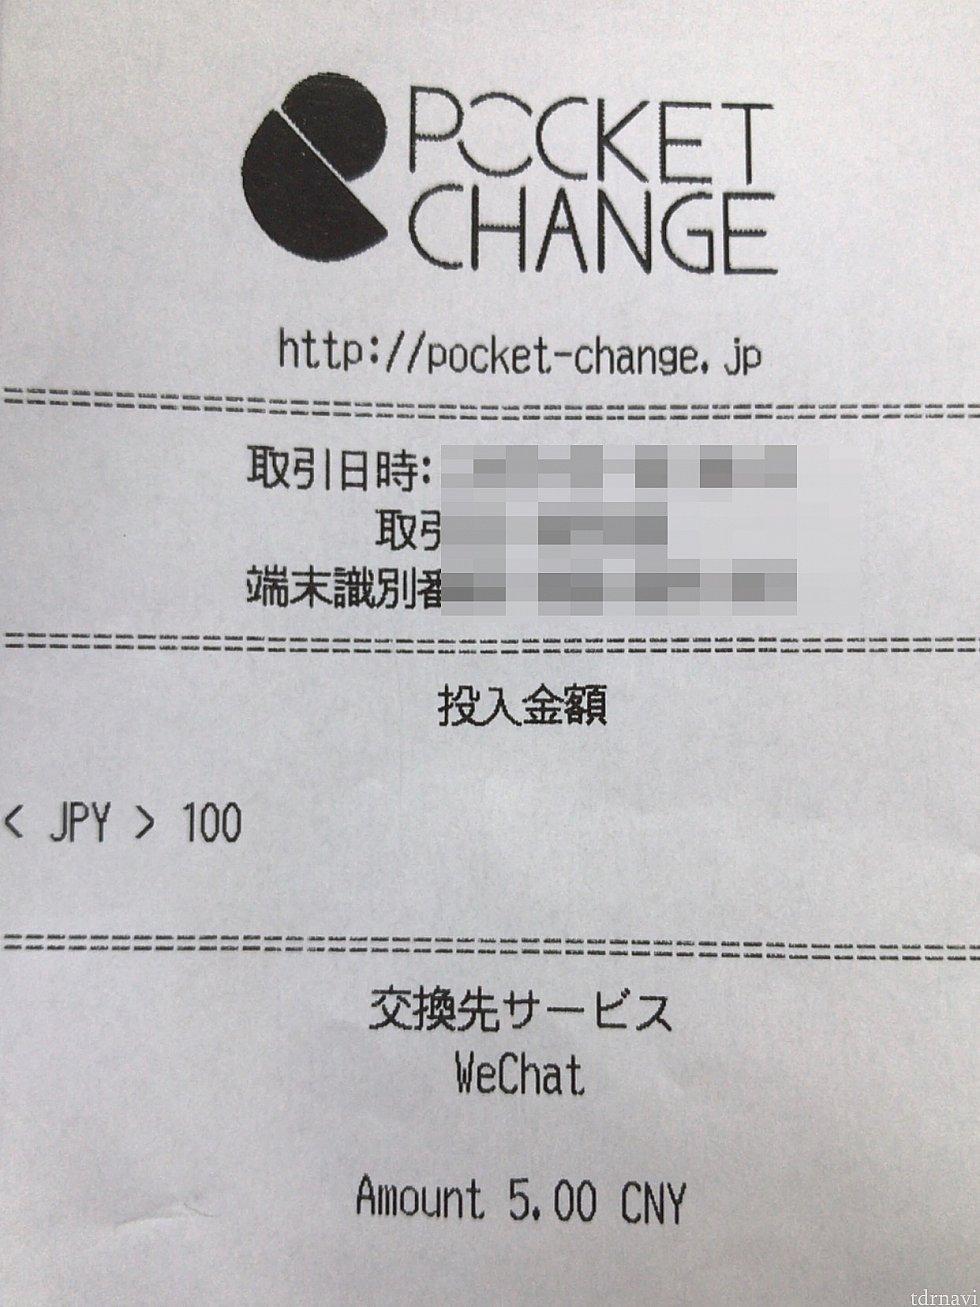 するとレシートが出てきます。このレシートにあるQRコードをWeChatで読み込ませることで、WeChat Payの機能を有効化できます。